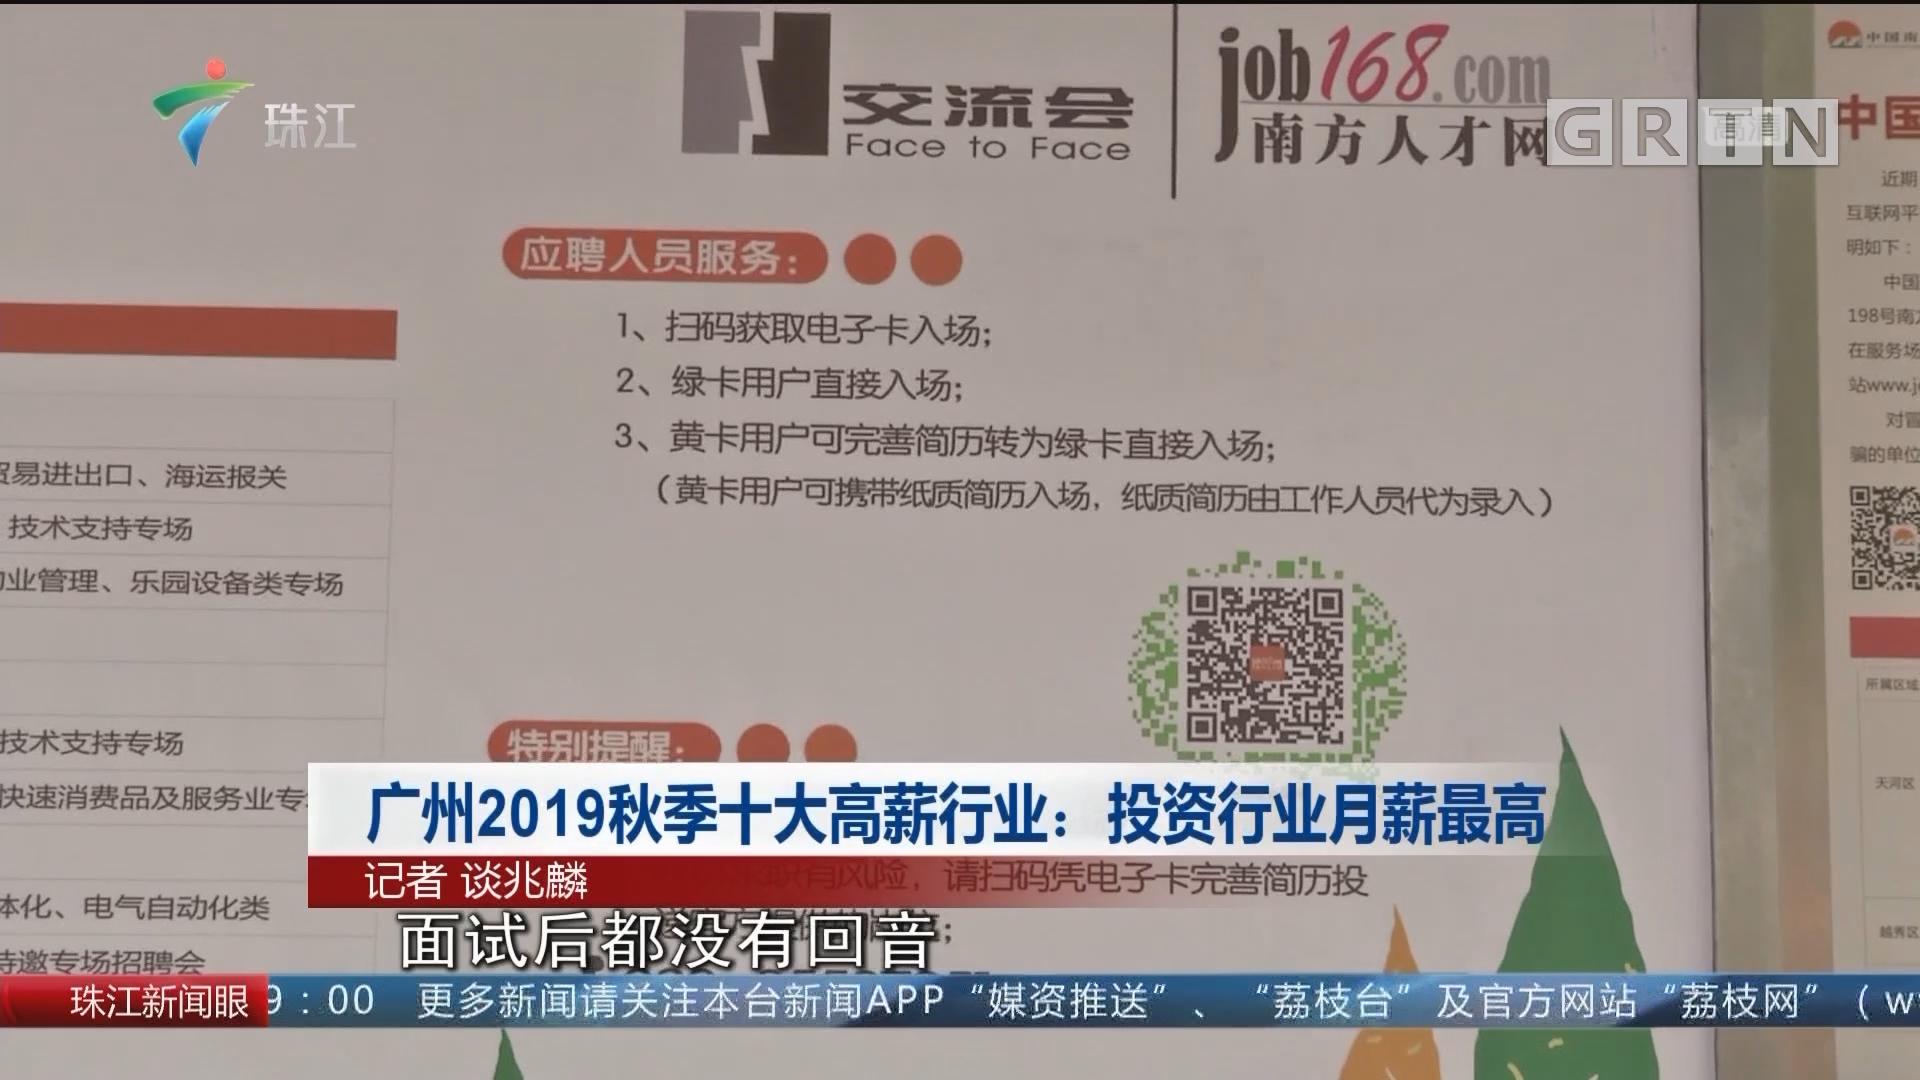 广州2019秋季十大高薪行业:投资行业月薪最高